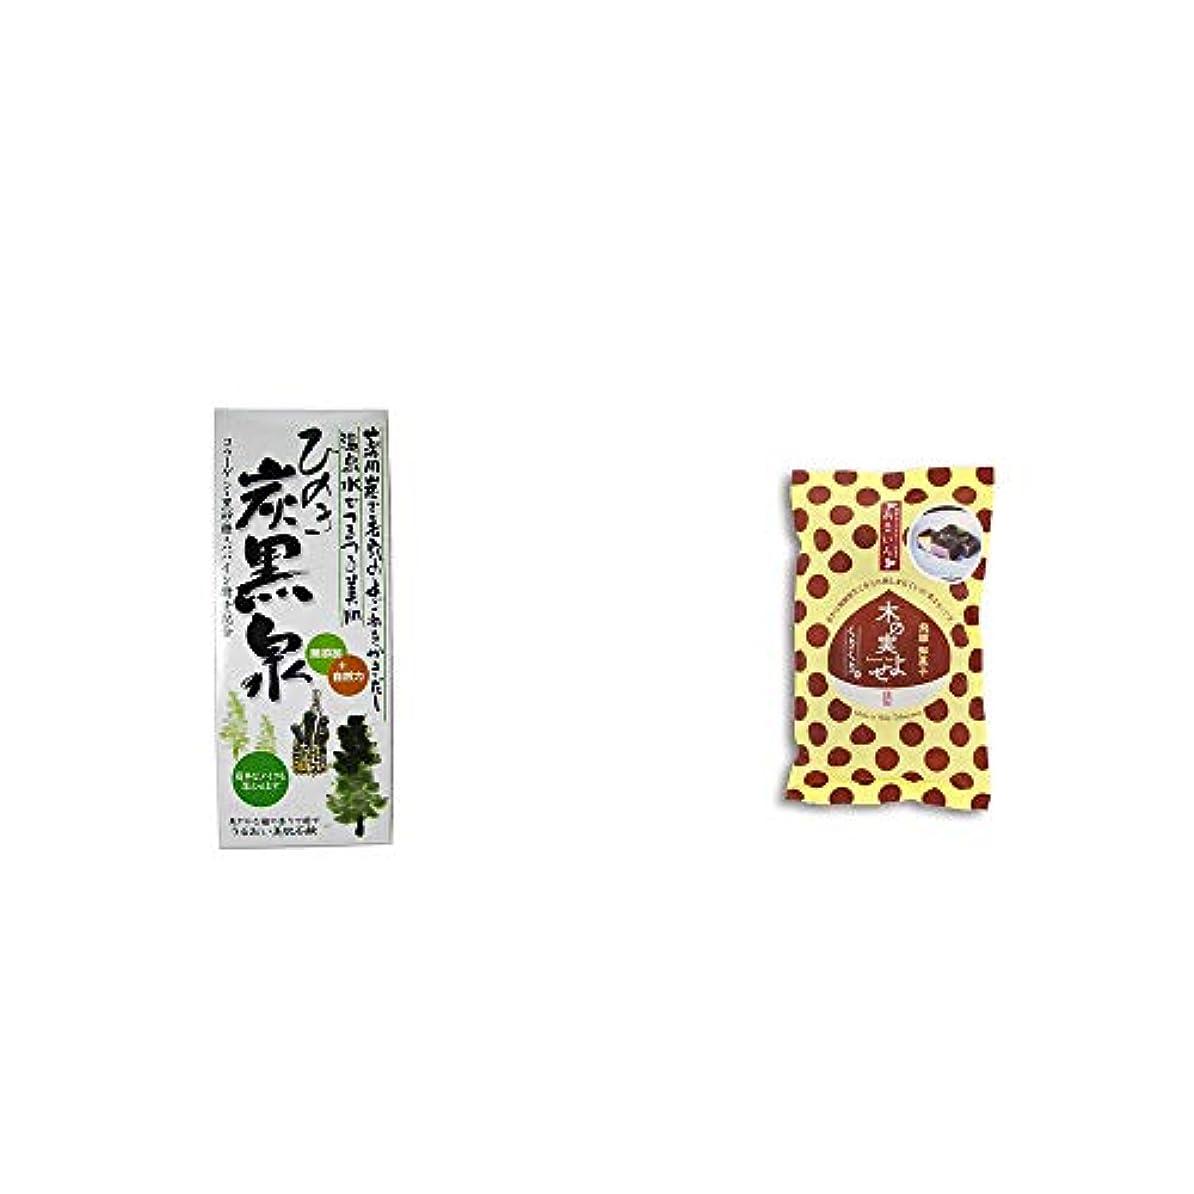 ブリッジ徹底的にのホスト[2点セット] ひのき炭黒泉 箱入り(75g×3)?木の実よせ くりくり味(5個入)